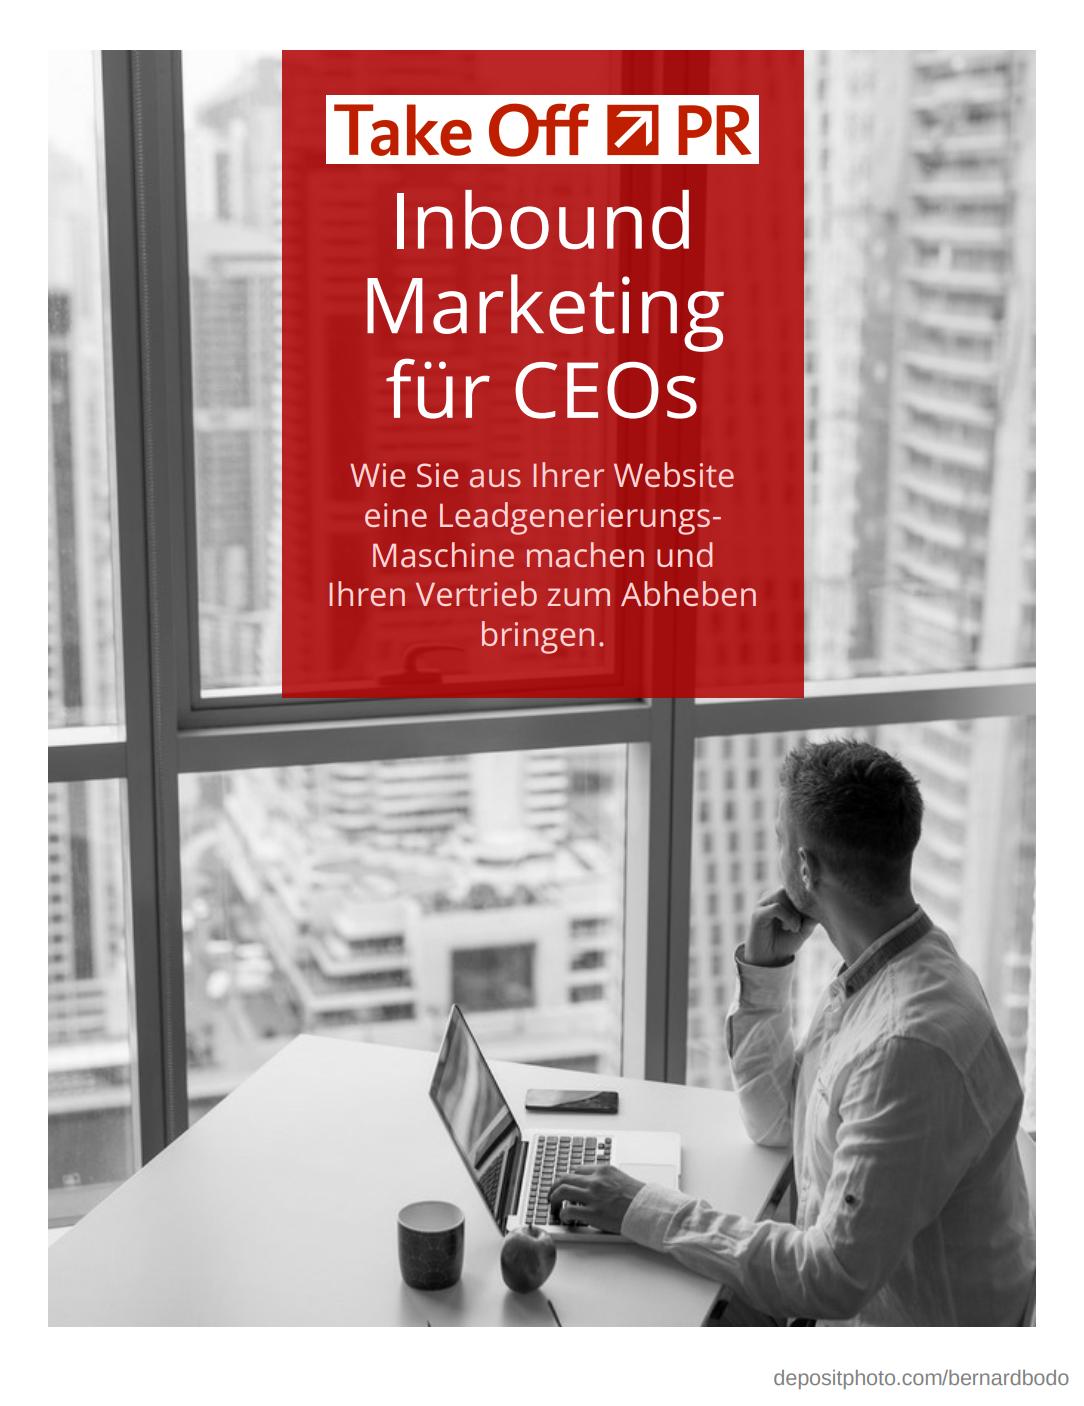 Inbound Marketing für CEOs Titelbild.png